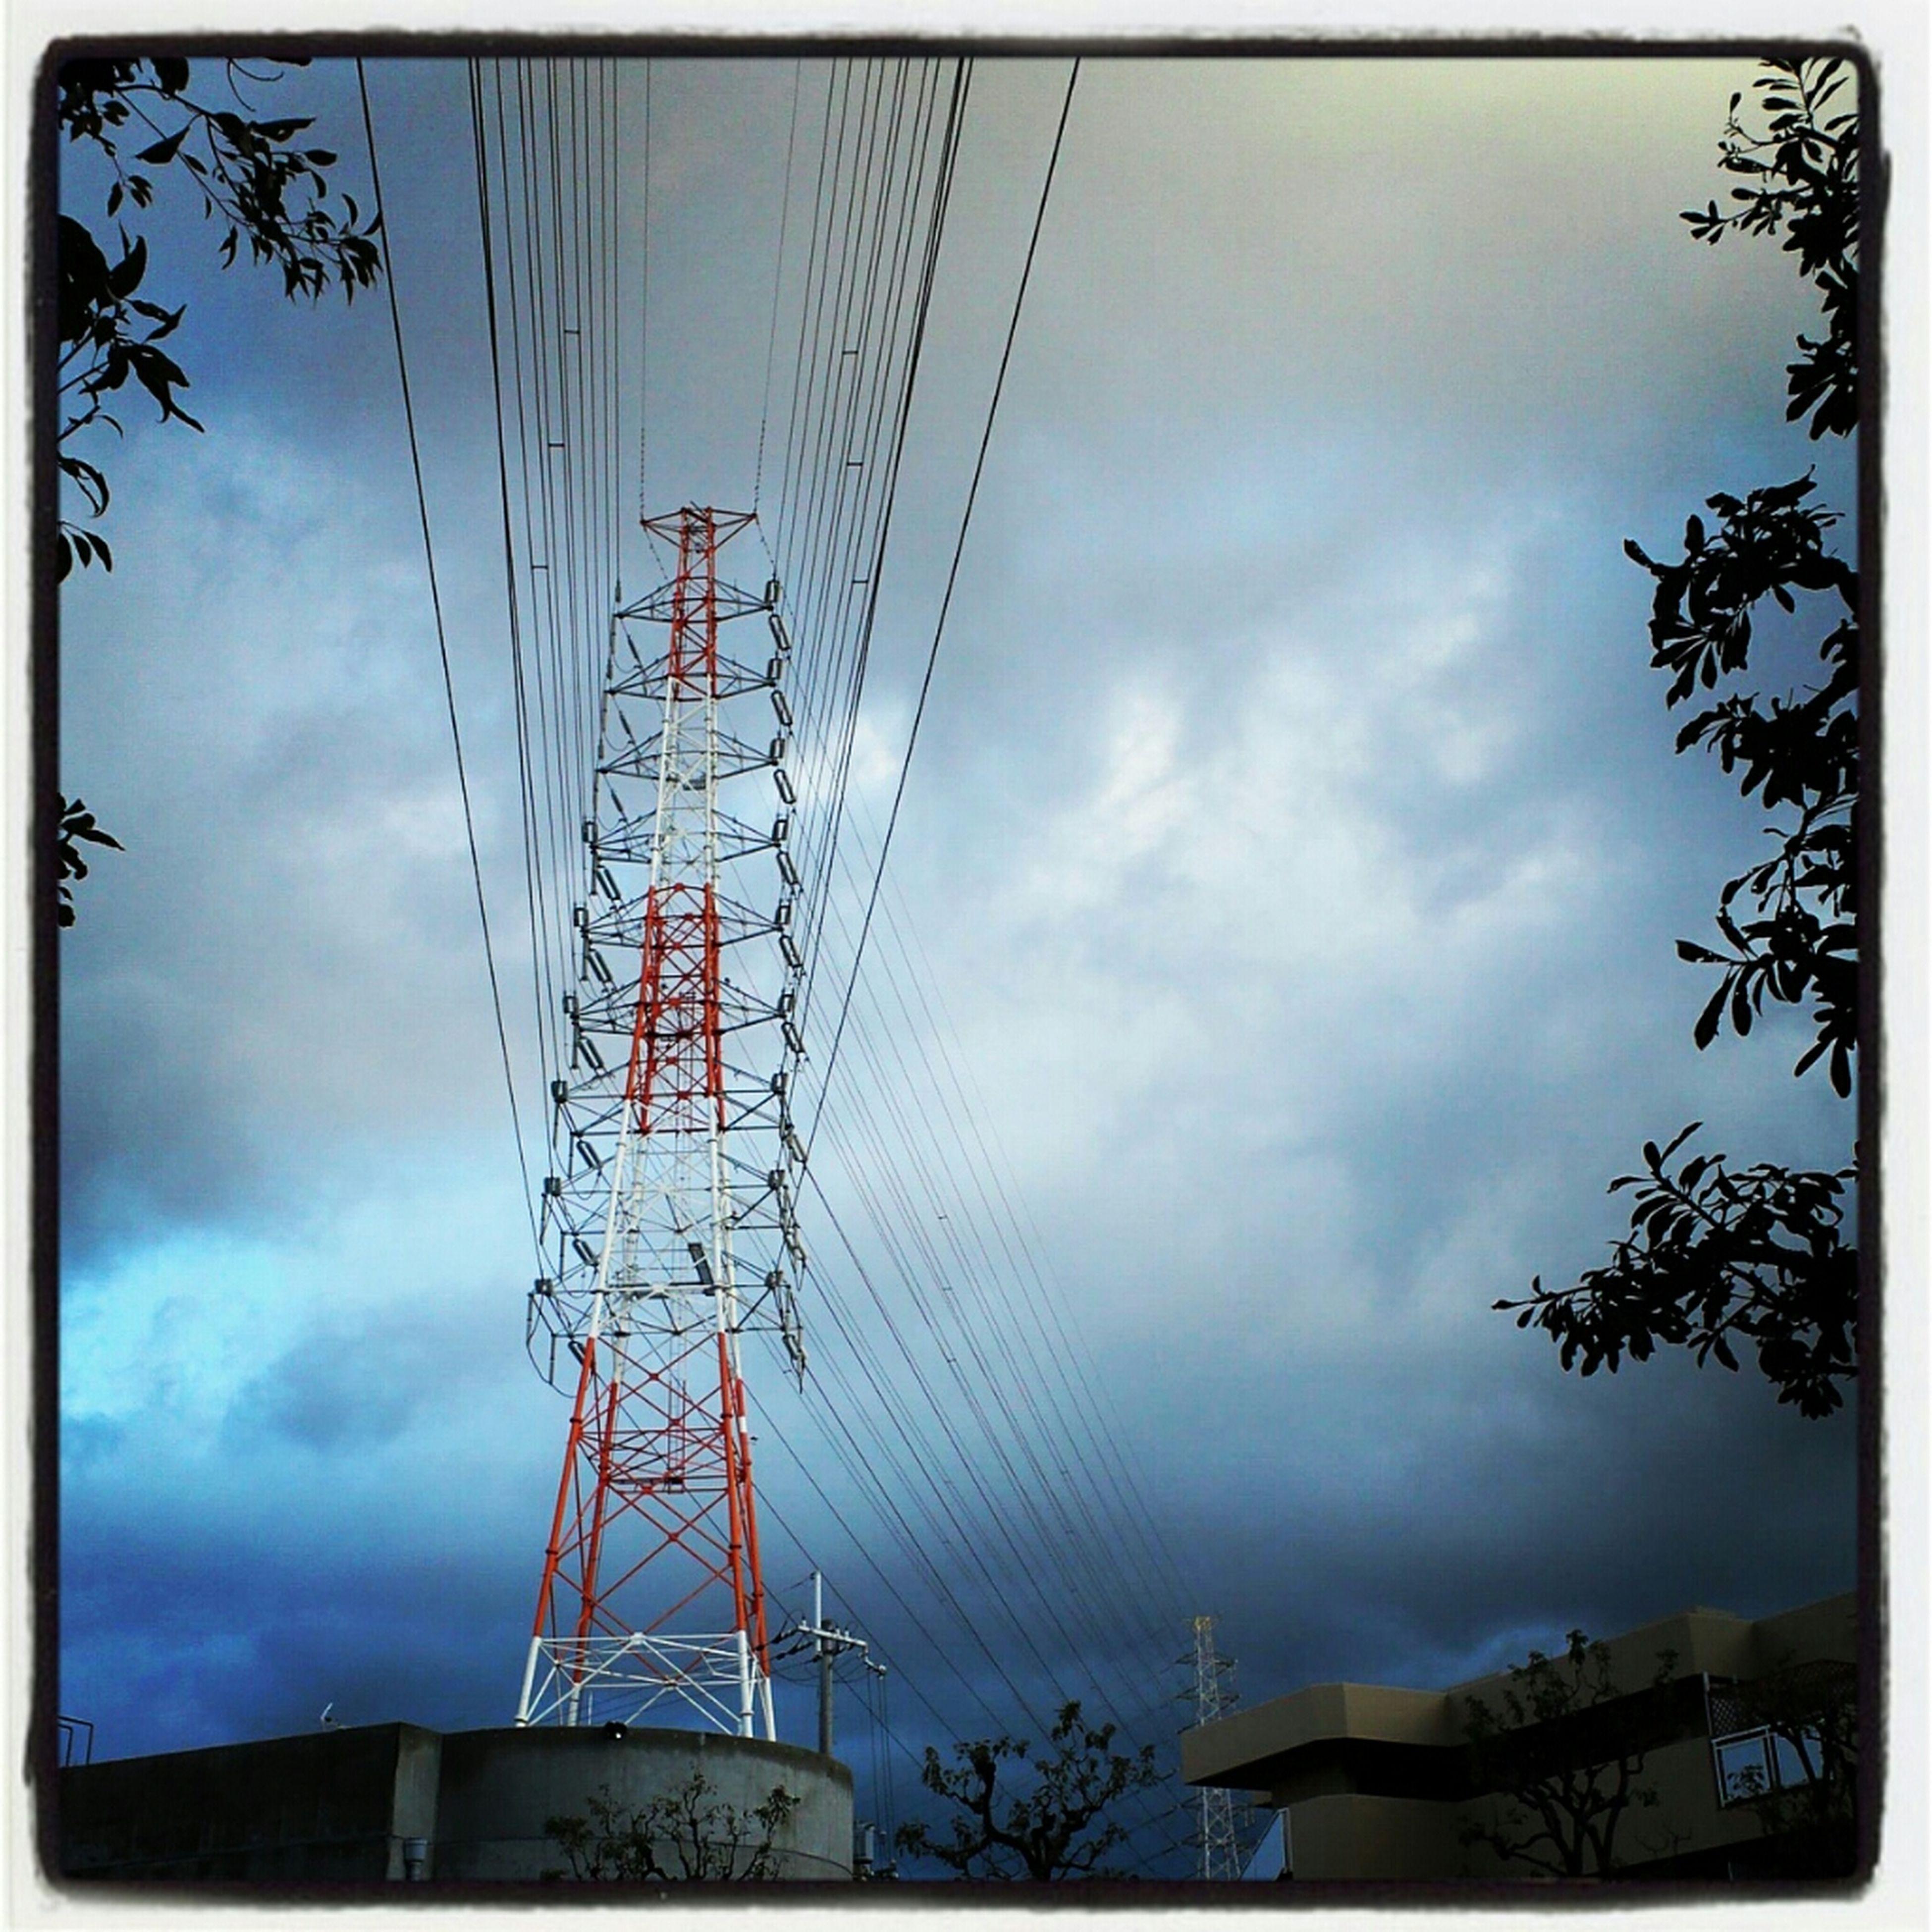 鉄塔の有る町